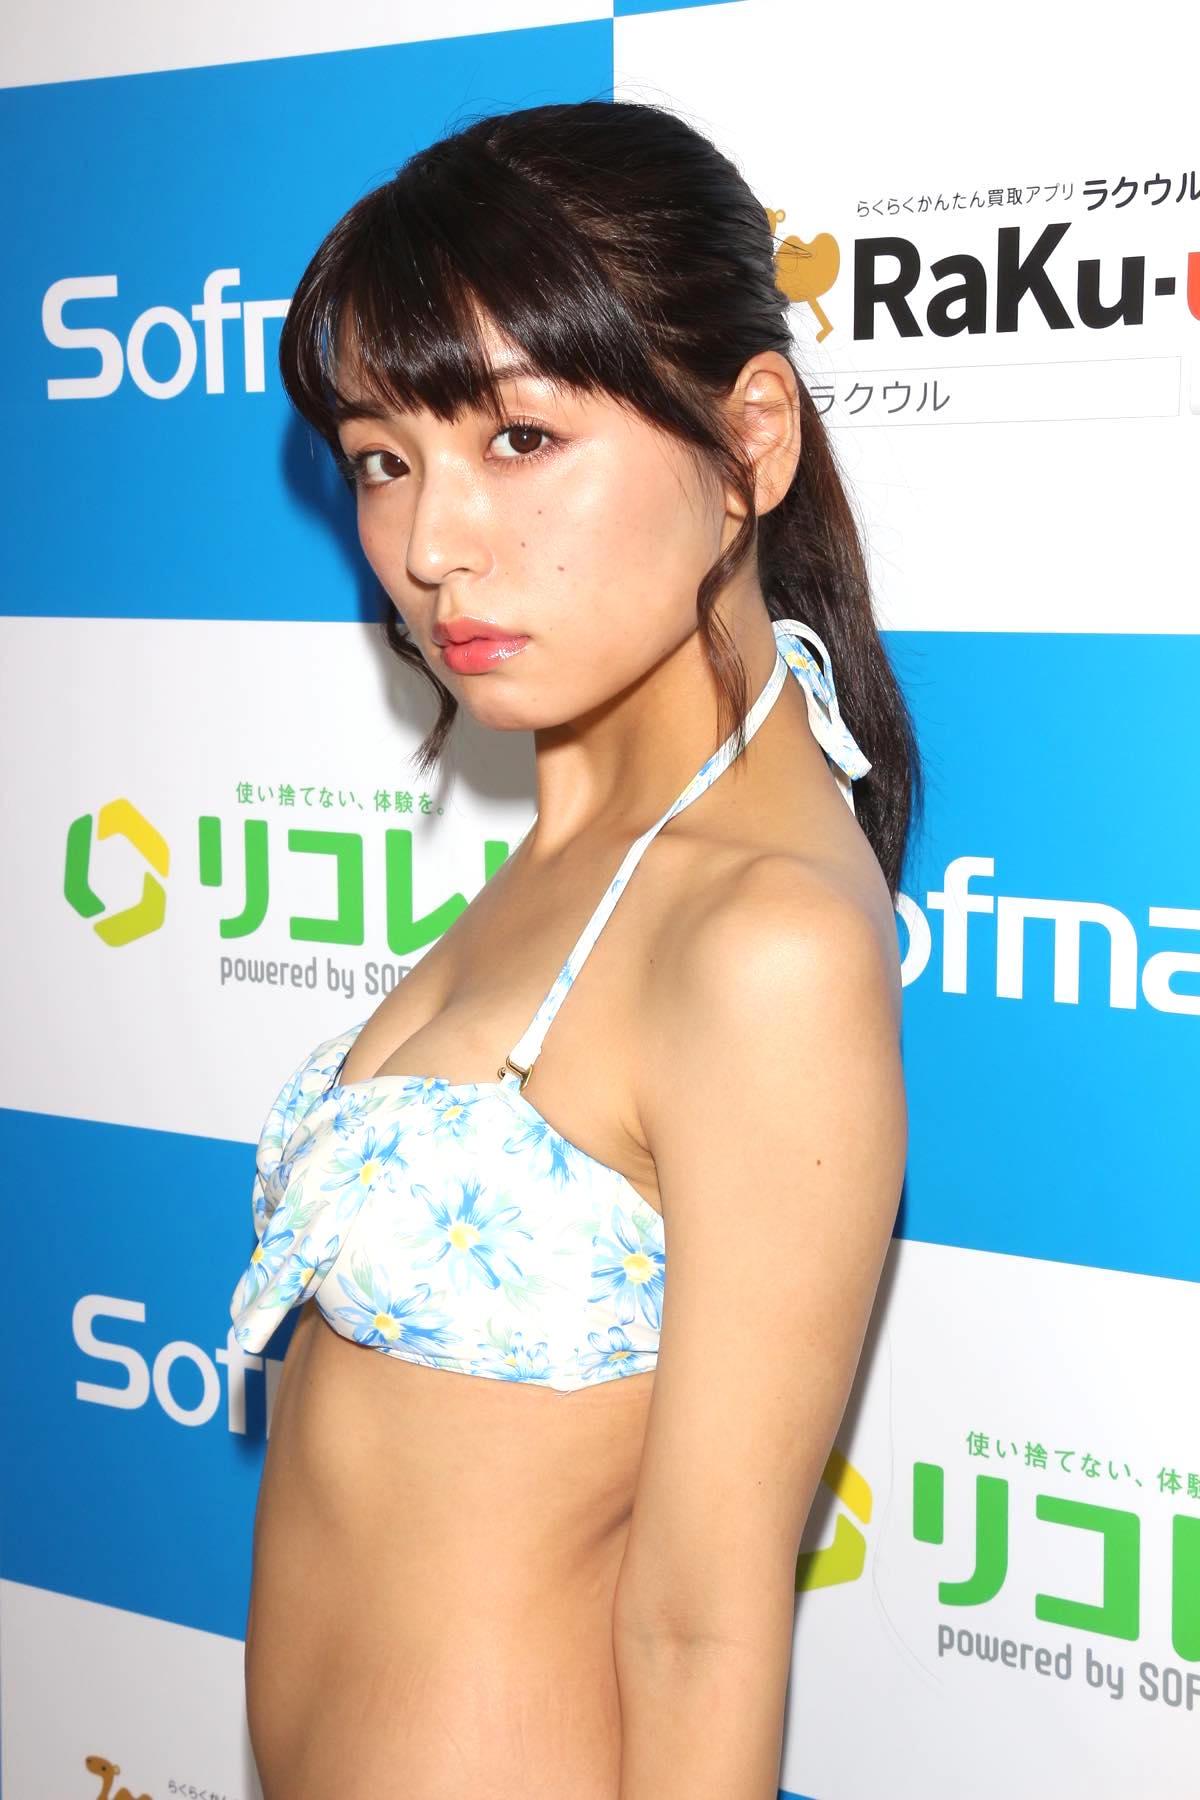 竹本茉莉「ハミ出てビックリ」最後のビキニ姿を大公開!【写真34枚】の画像011